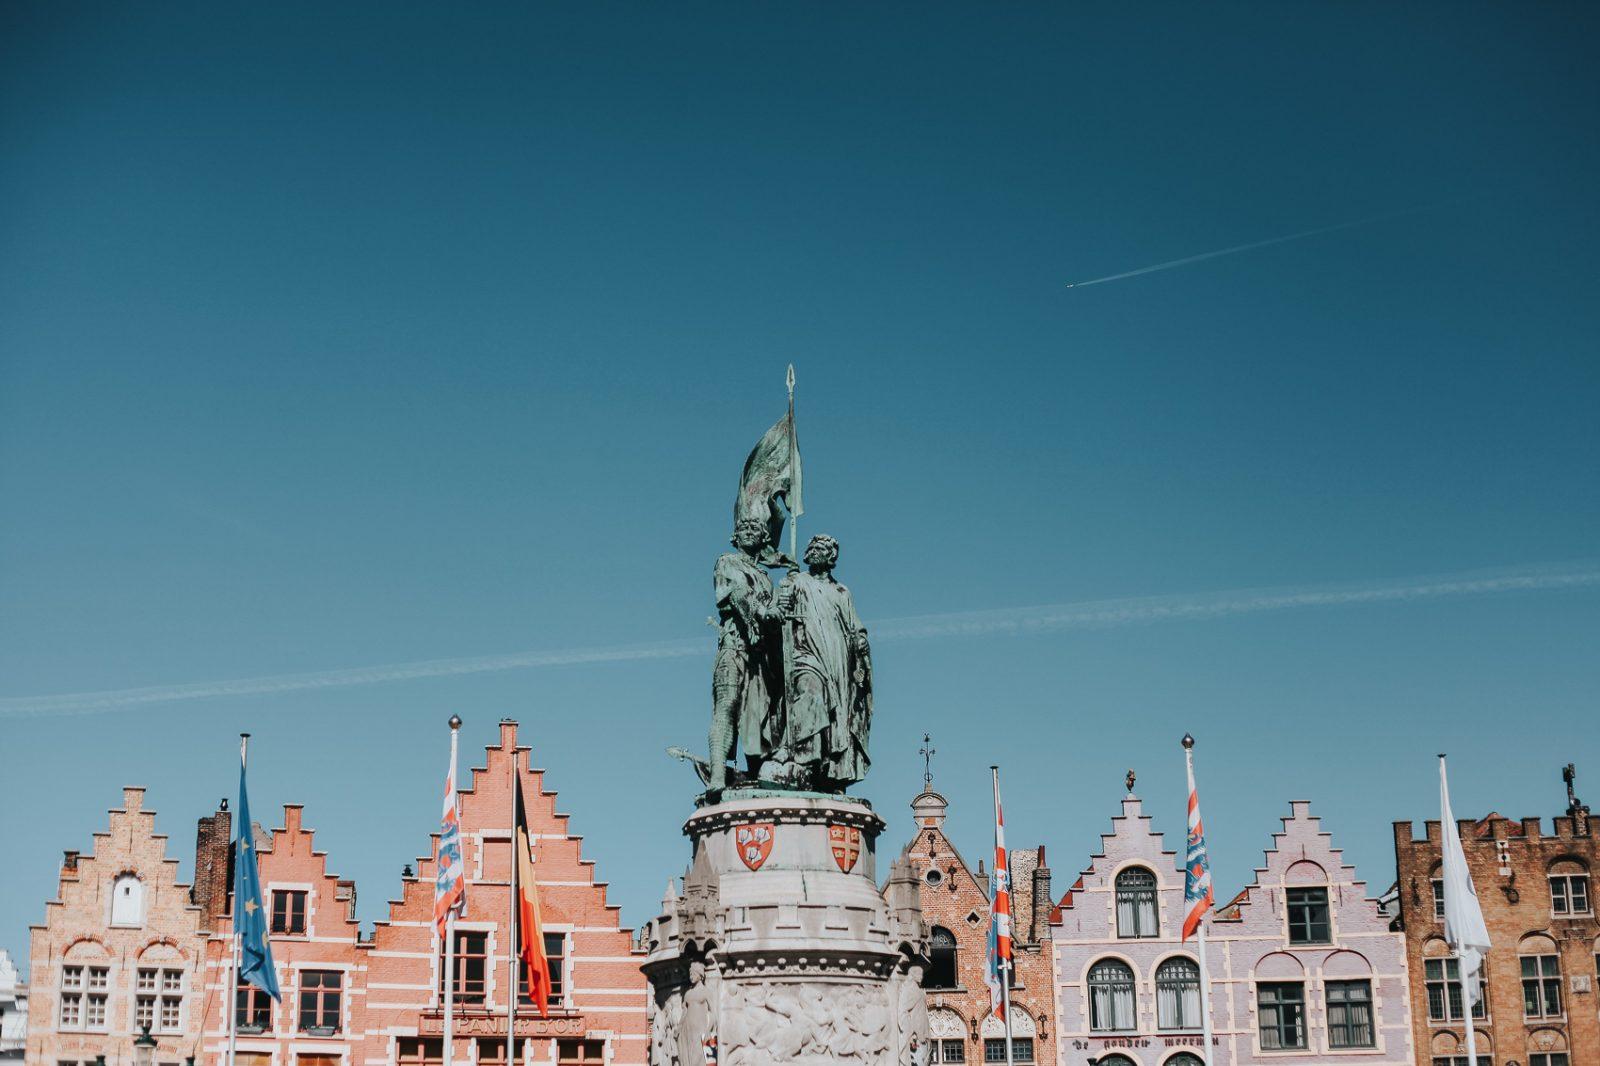 the markt square of bruges belgium